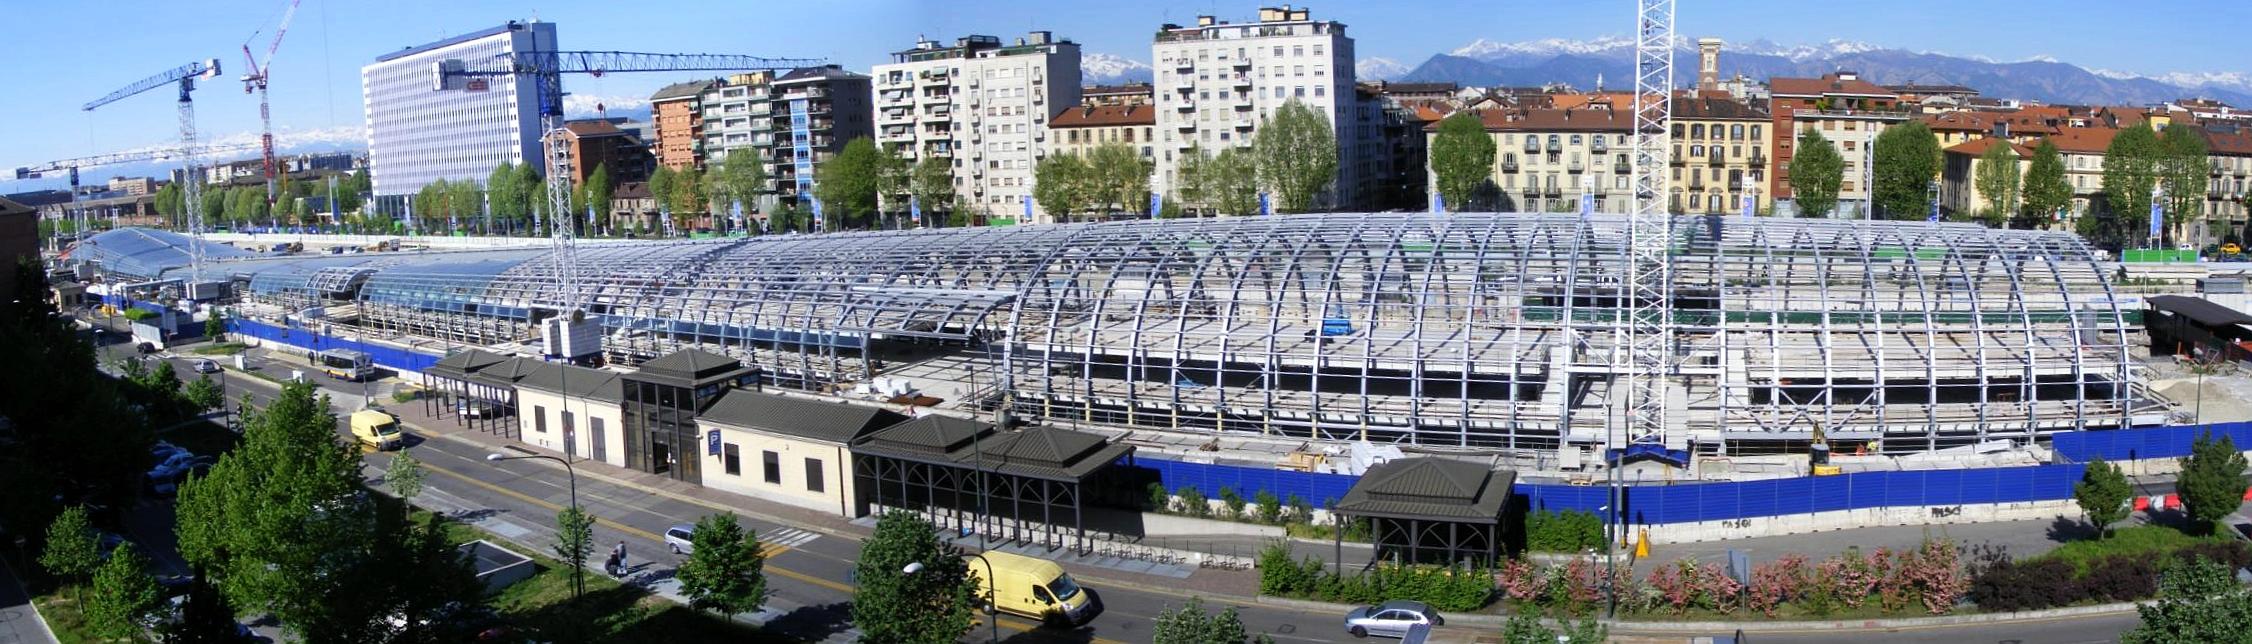 File porta susa in costruzione wikimedia commons - Porta susa stazione ...